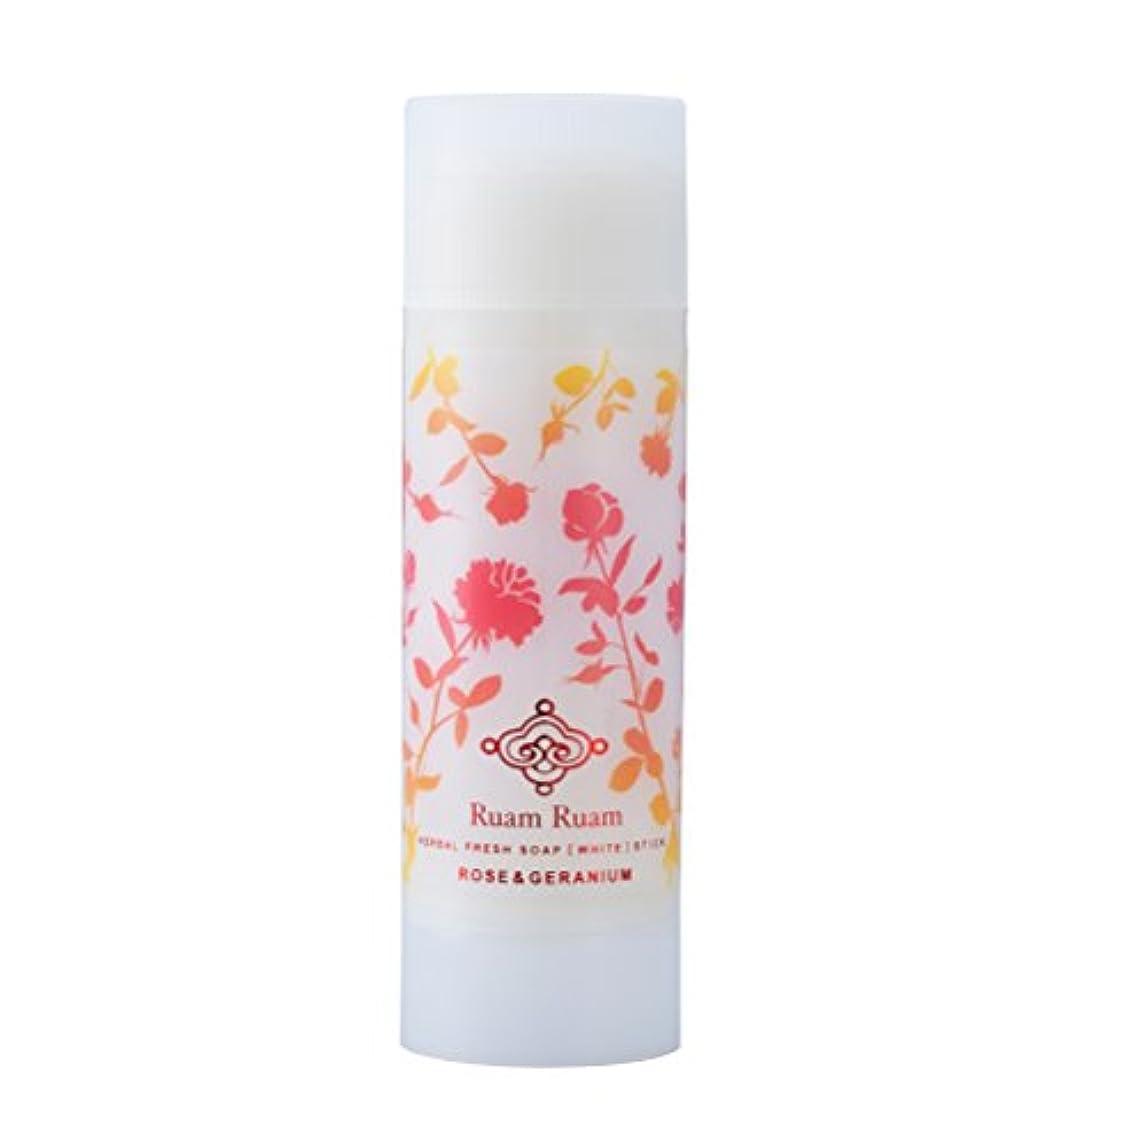 錆び人物定刻ルアンルアン(Ruam Ruam) 洗顔石鹸(白) ローズアンドゼラニウム 90g